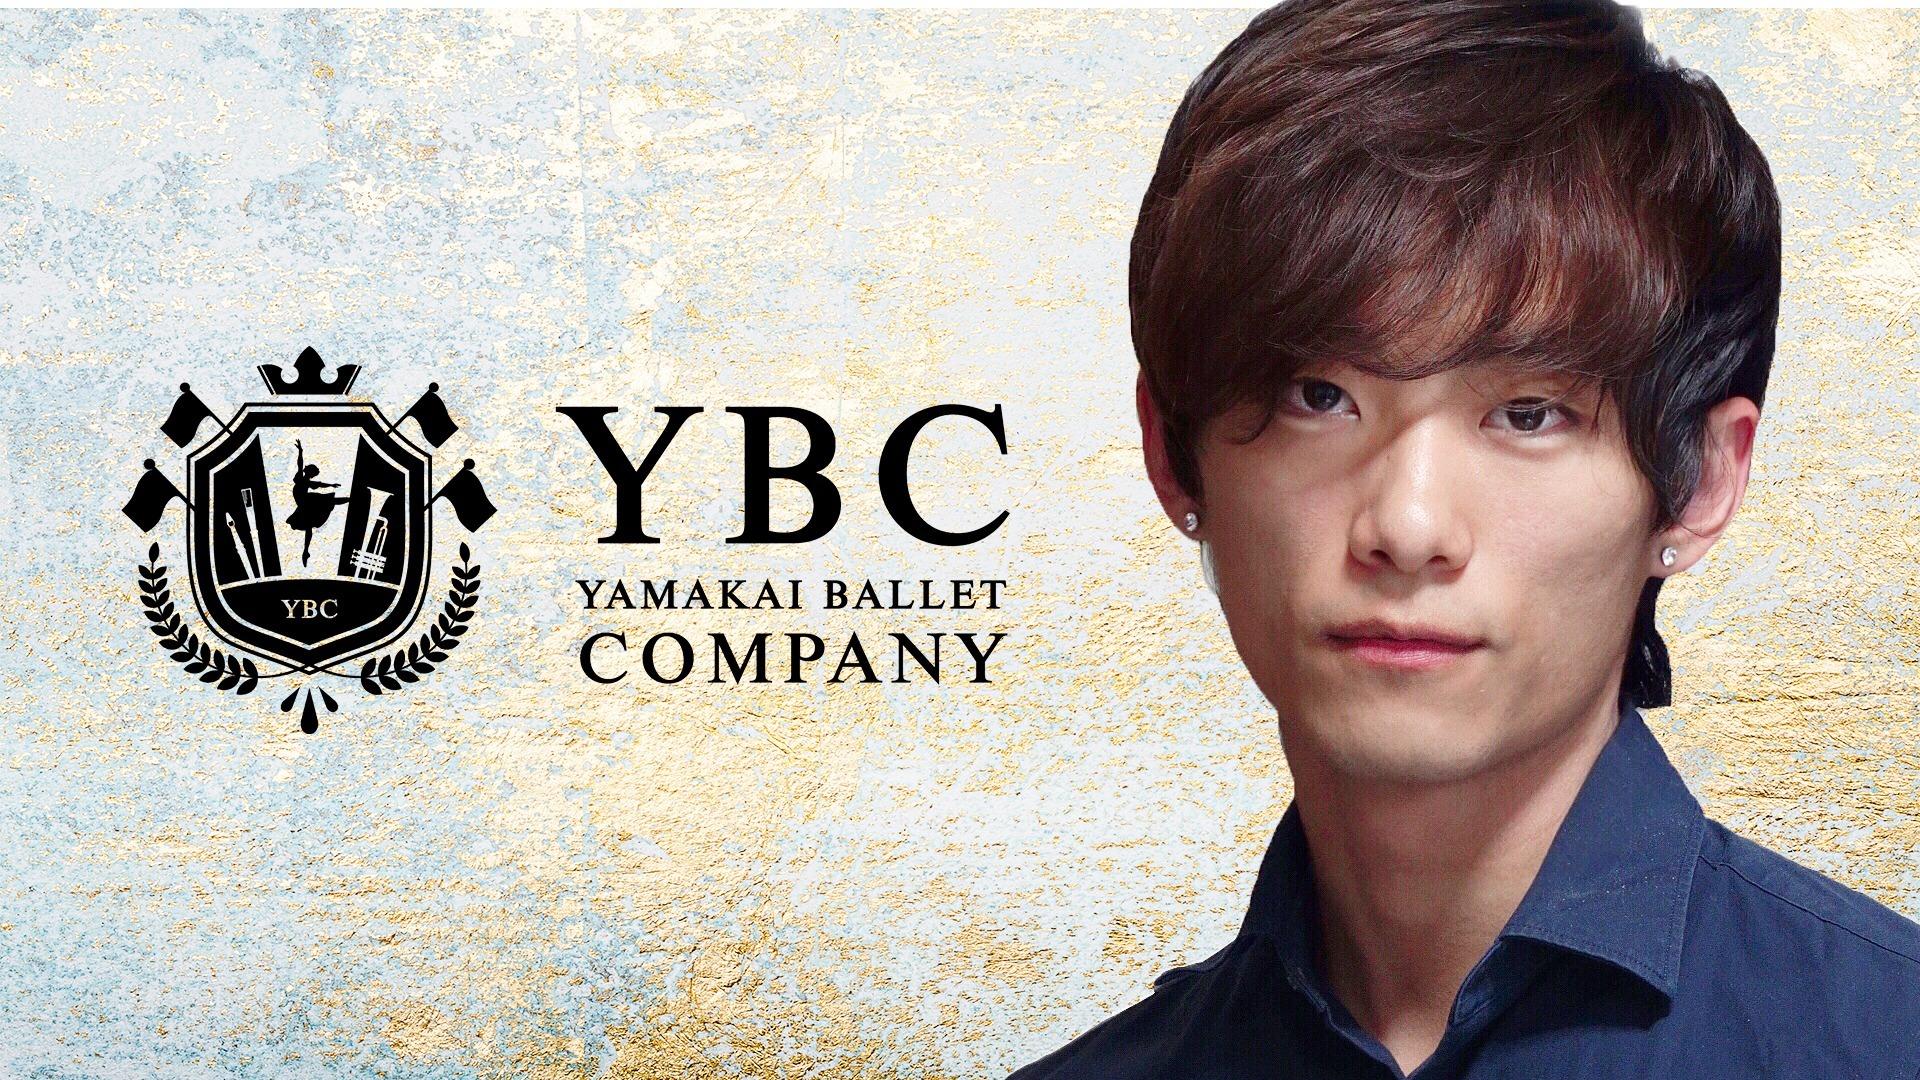 ヤマカイバレエカンパニー|YBC